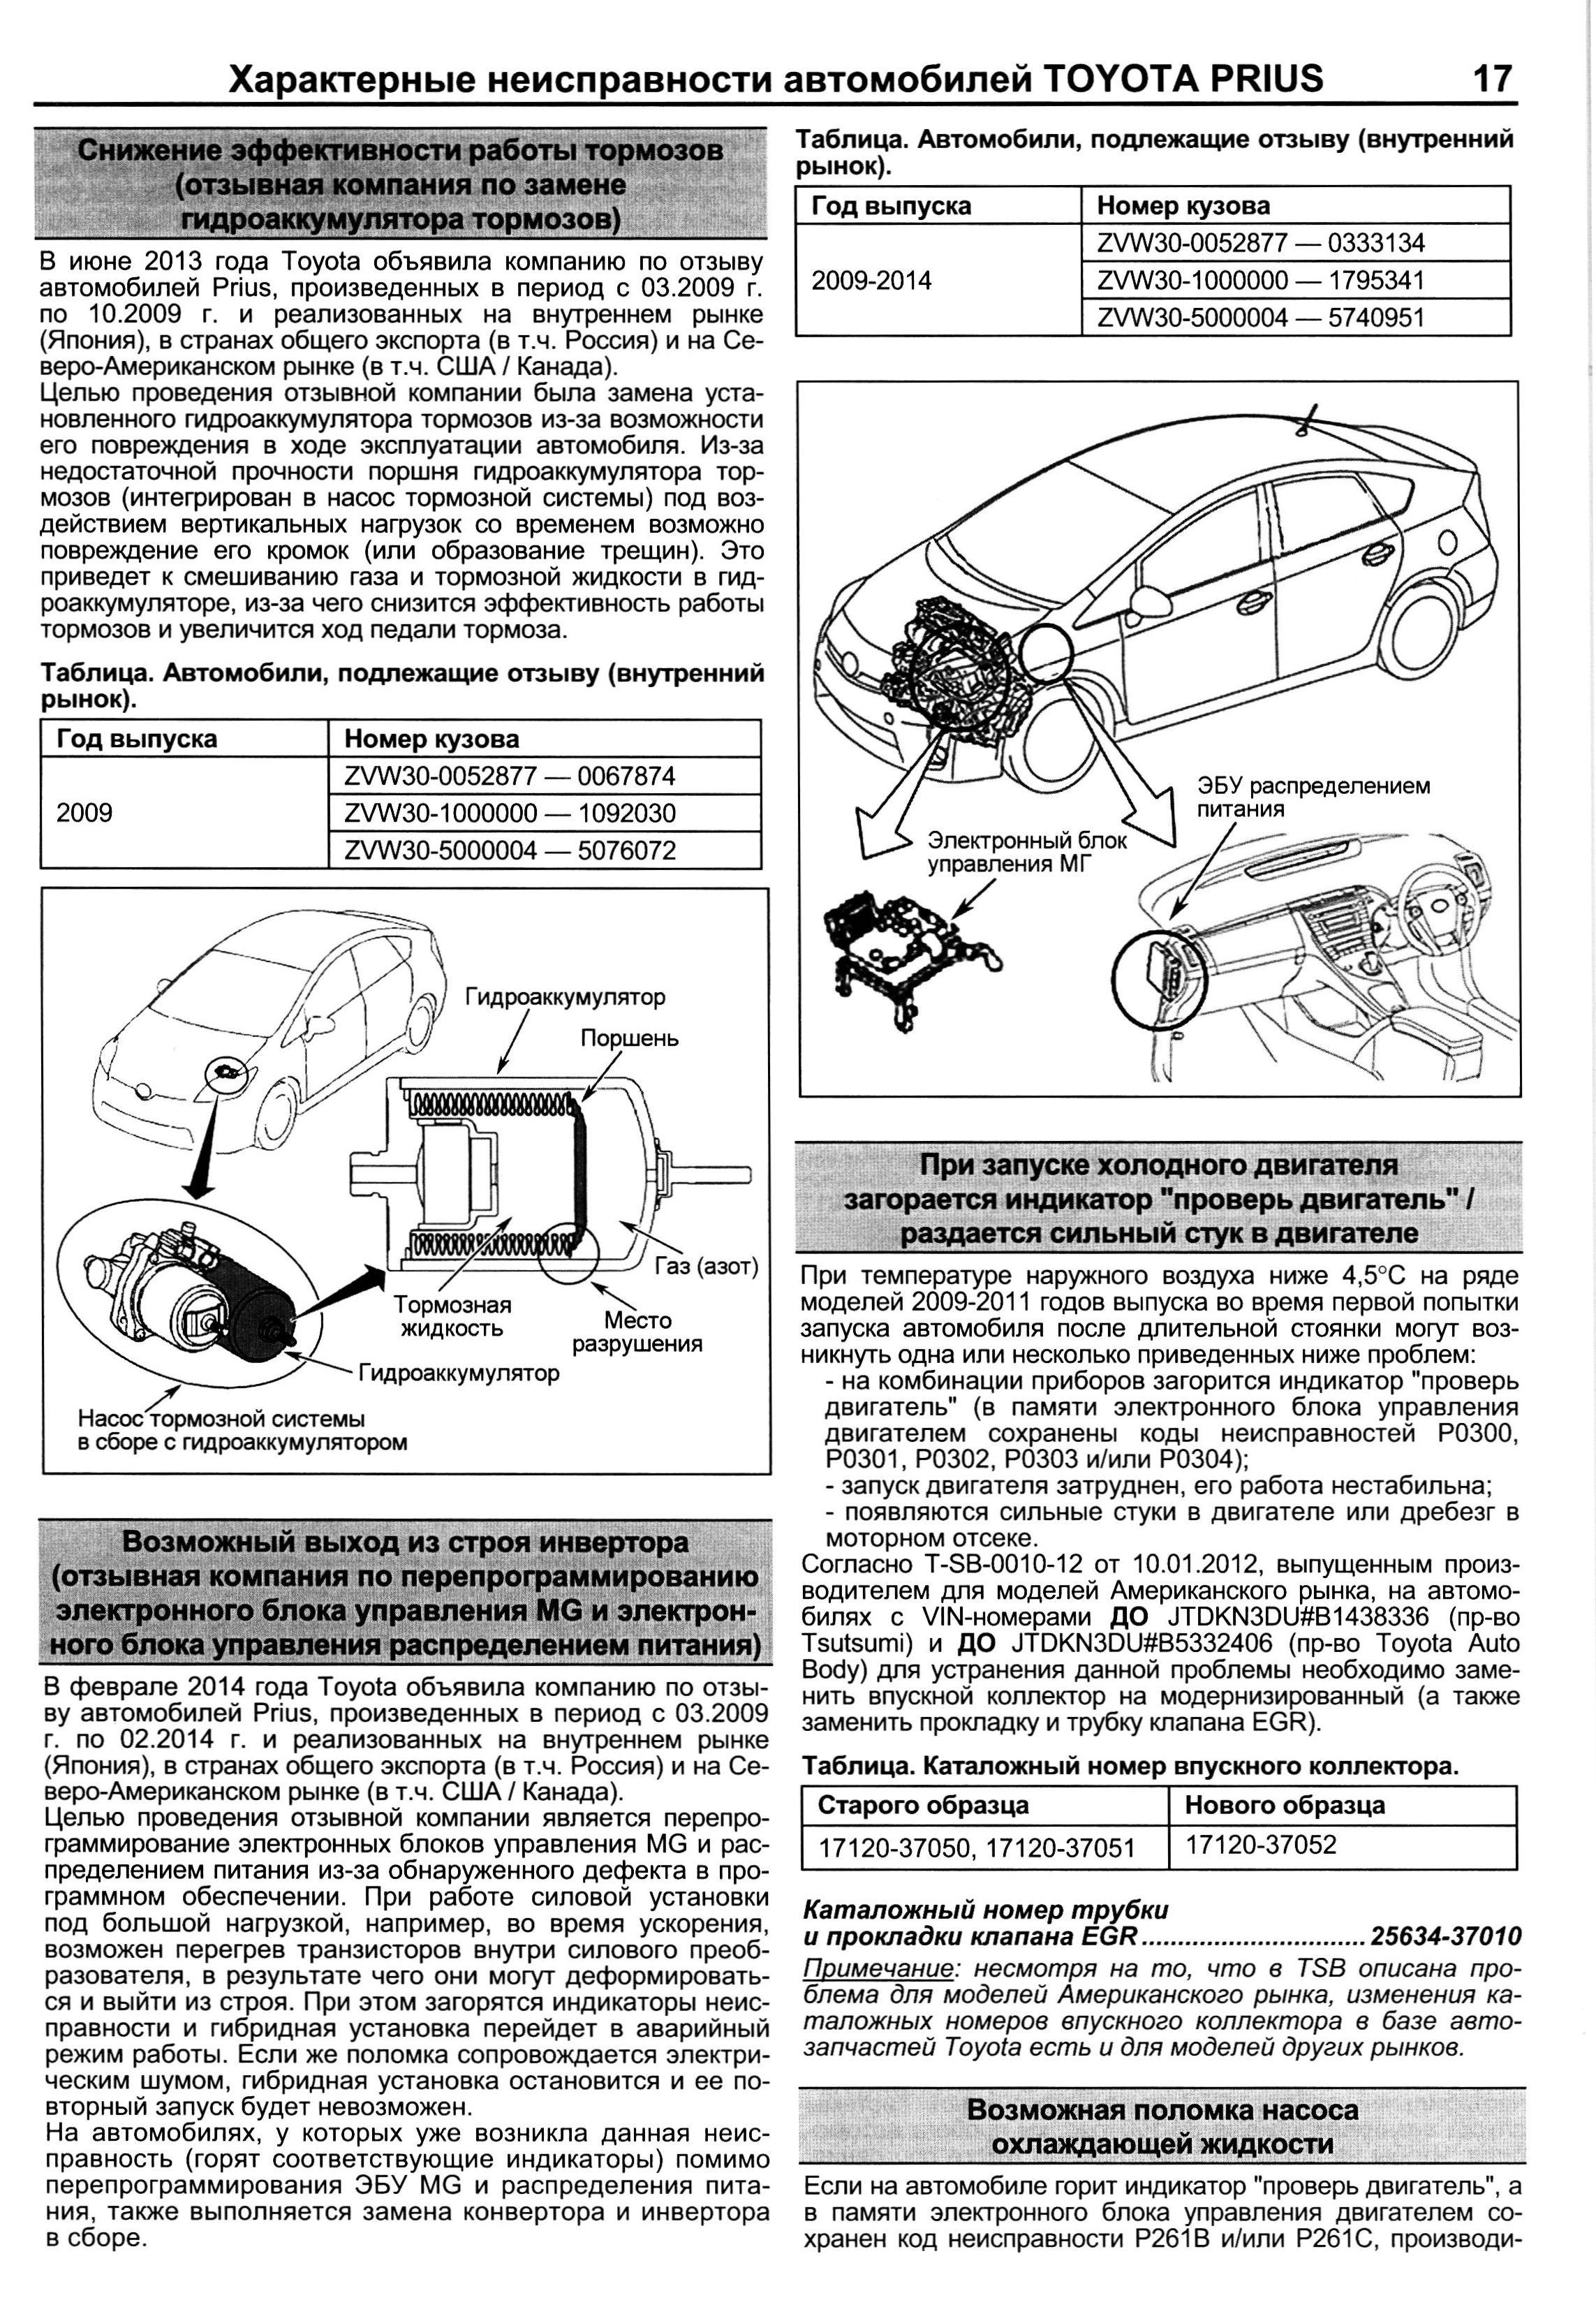 Электросхемы ГАЗ 3307 3309 - схемы электрооборудования